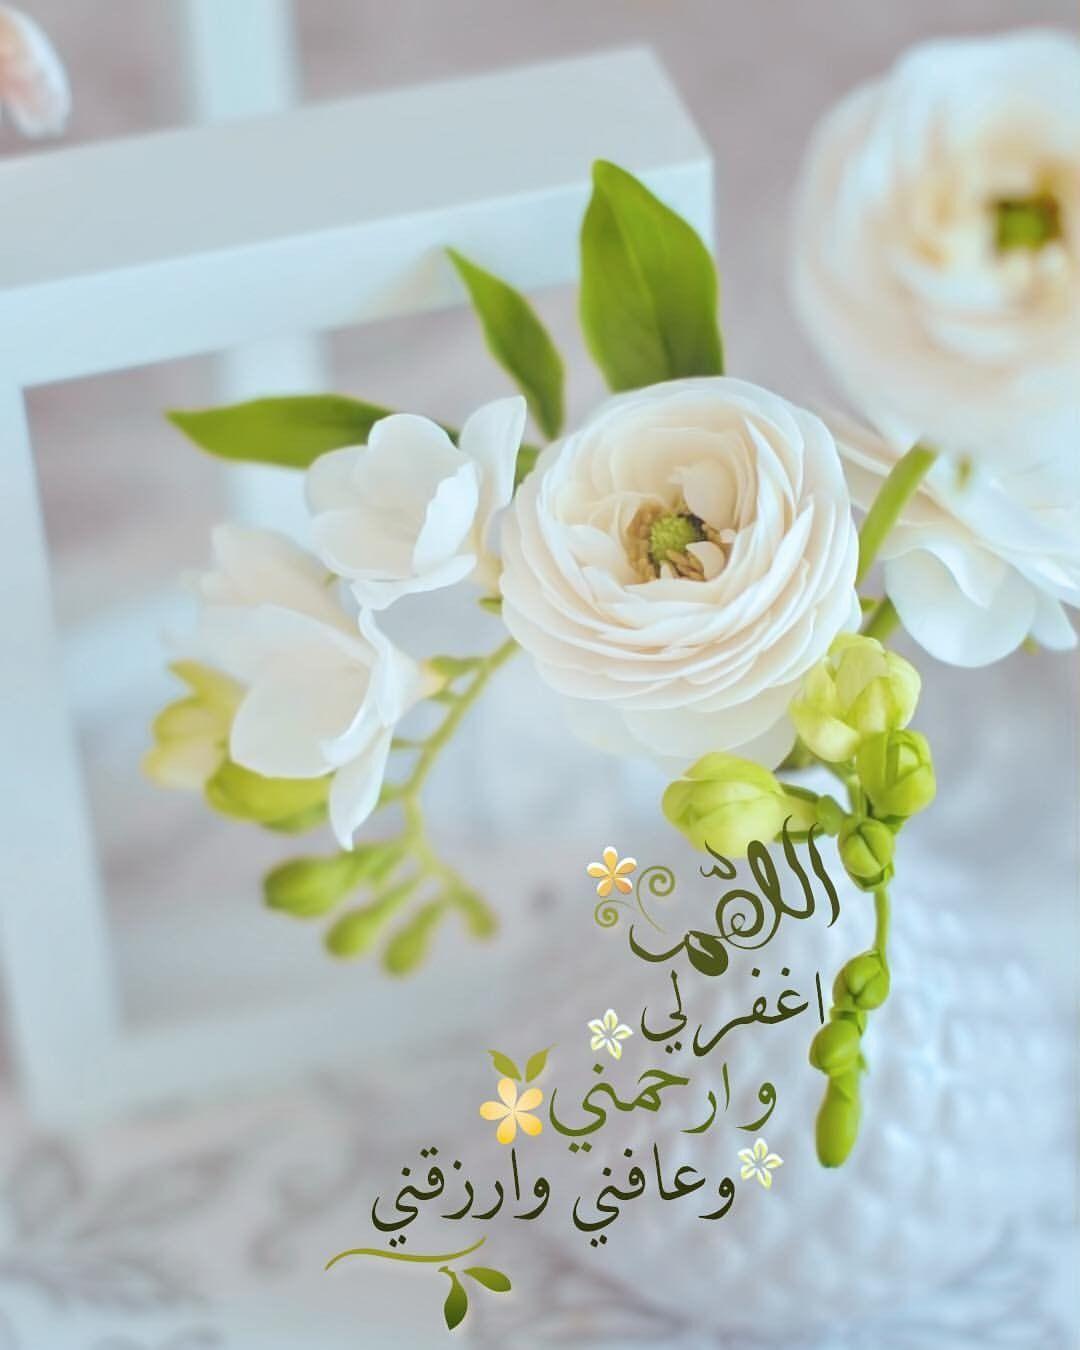 اللهم اغفر لي وارحمني Islamic Images Flowers Gif Islamic Pictures